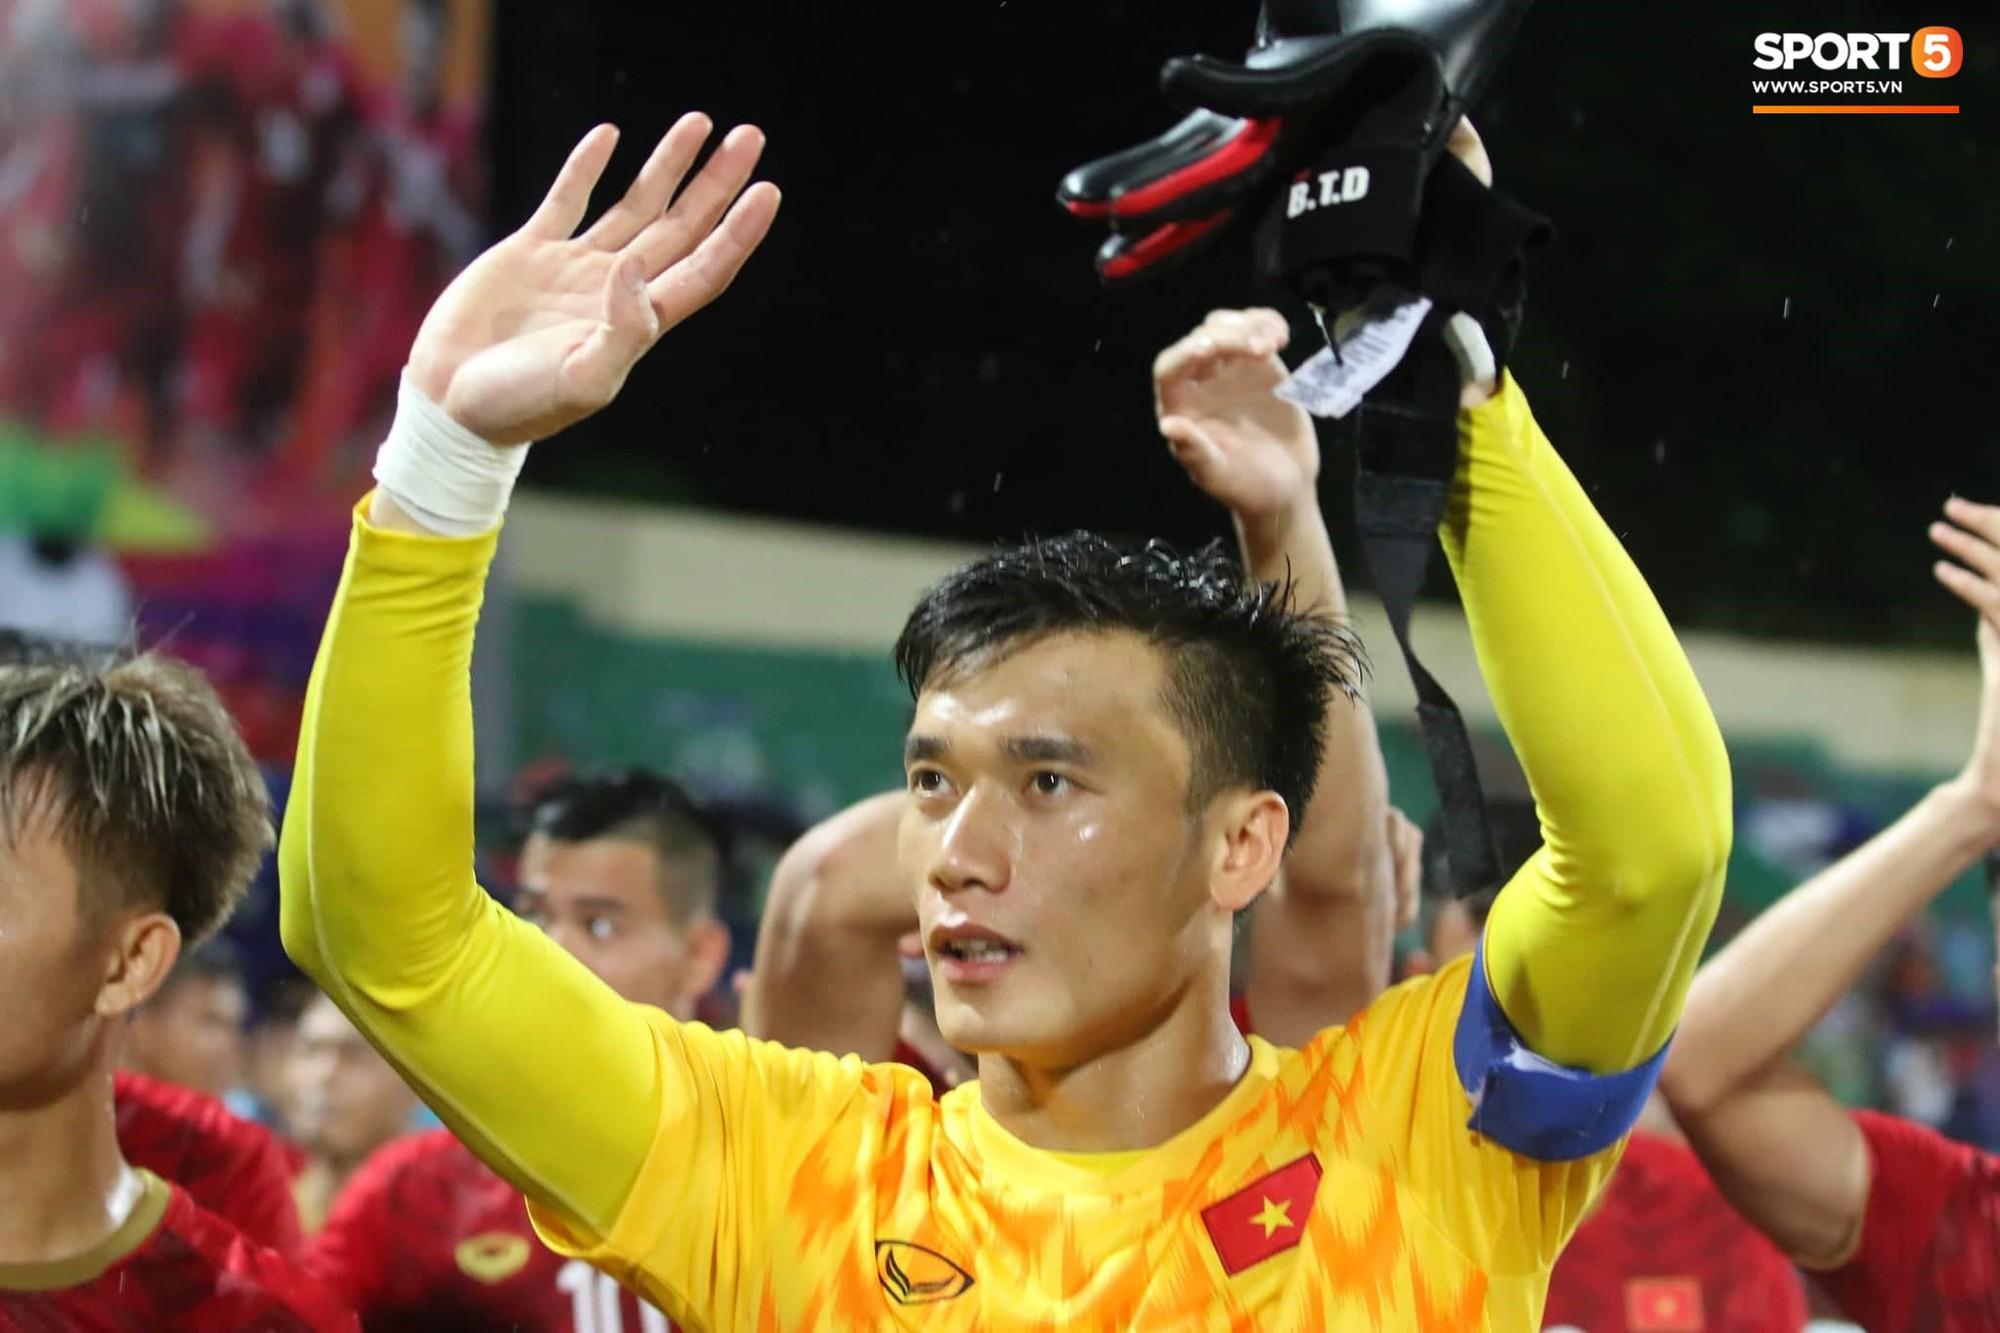 Hình ảnh cảm động: U23 Việt Nam đội mưa đi khắp khán đài cảm ơn người hâm mộ sau trận thắng U23 Myanmar - Ảnh 4.